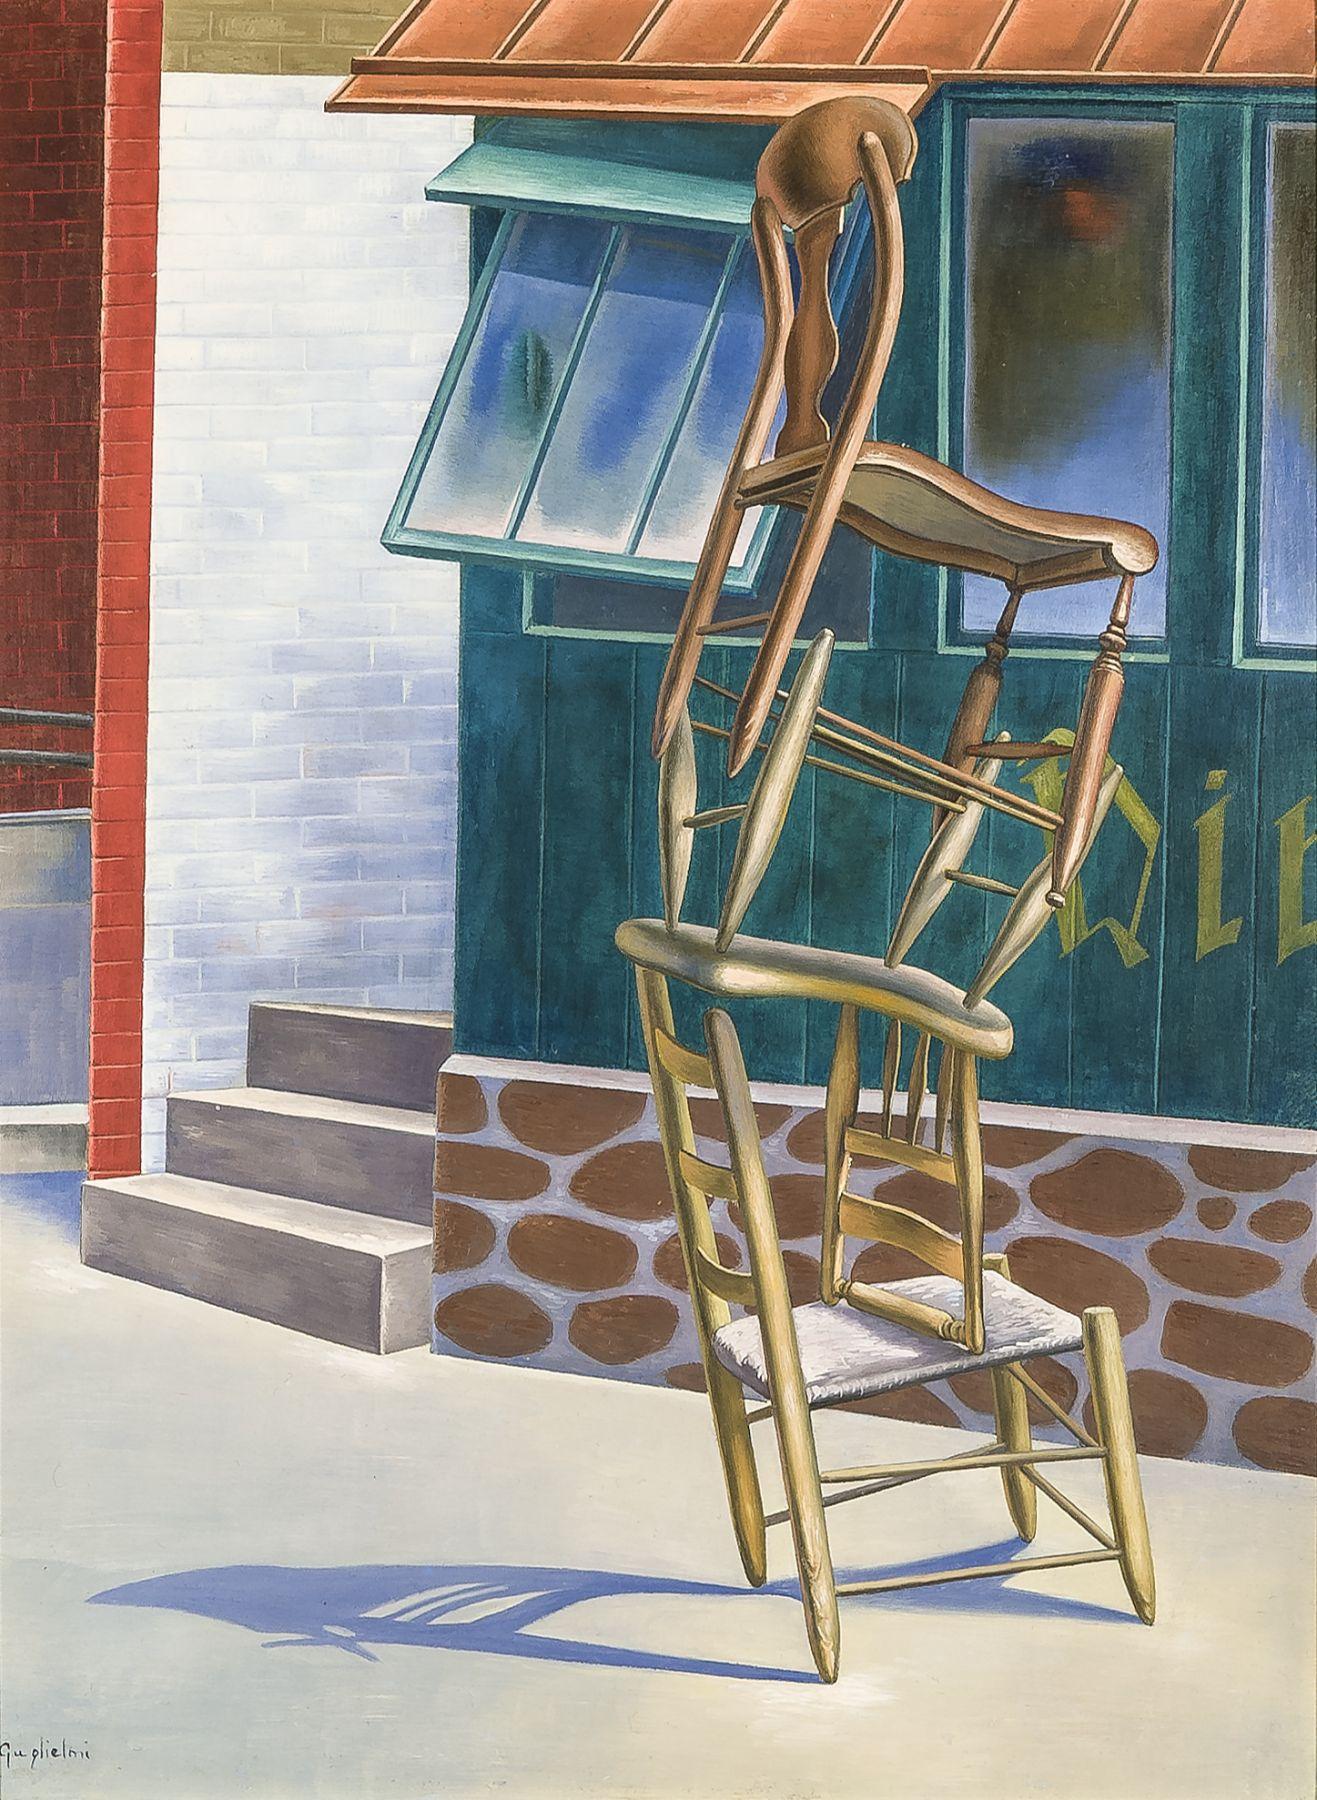 OSVALDO LOUIS GUGLIELMI (1906–1956), Tumblers, 1942